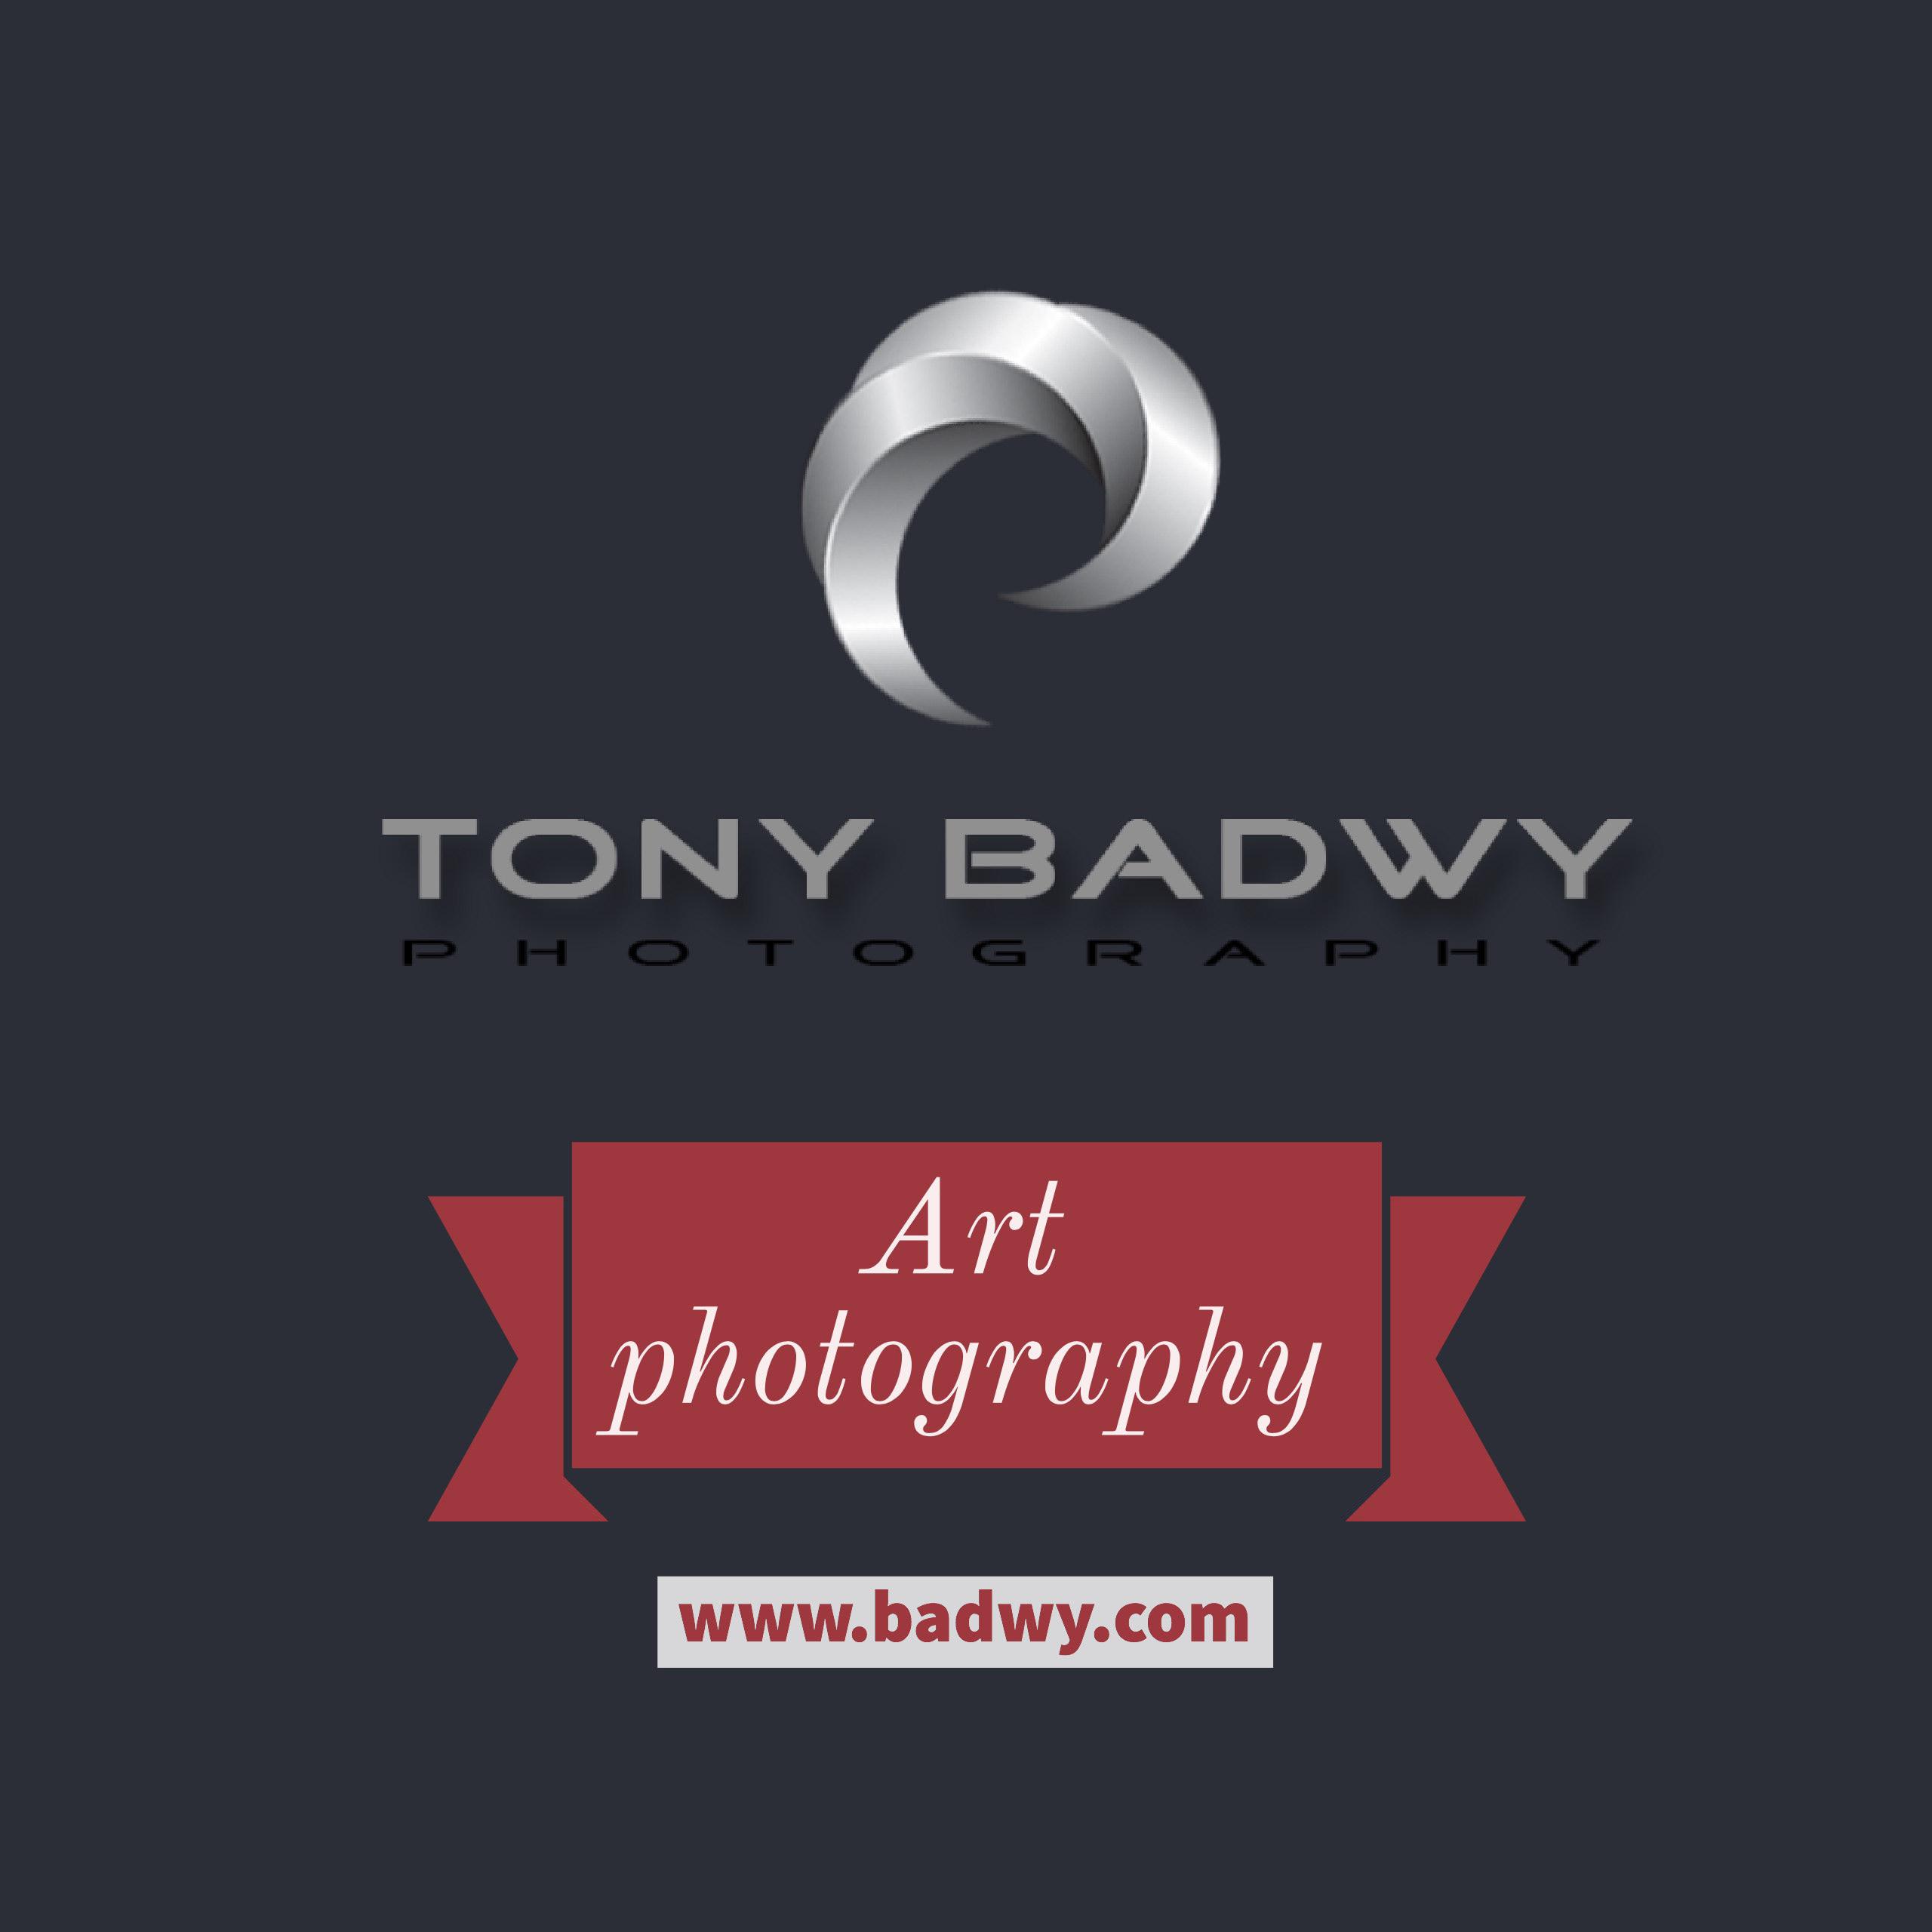 Tony Badwy